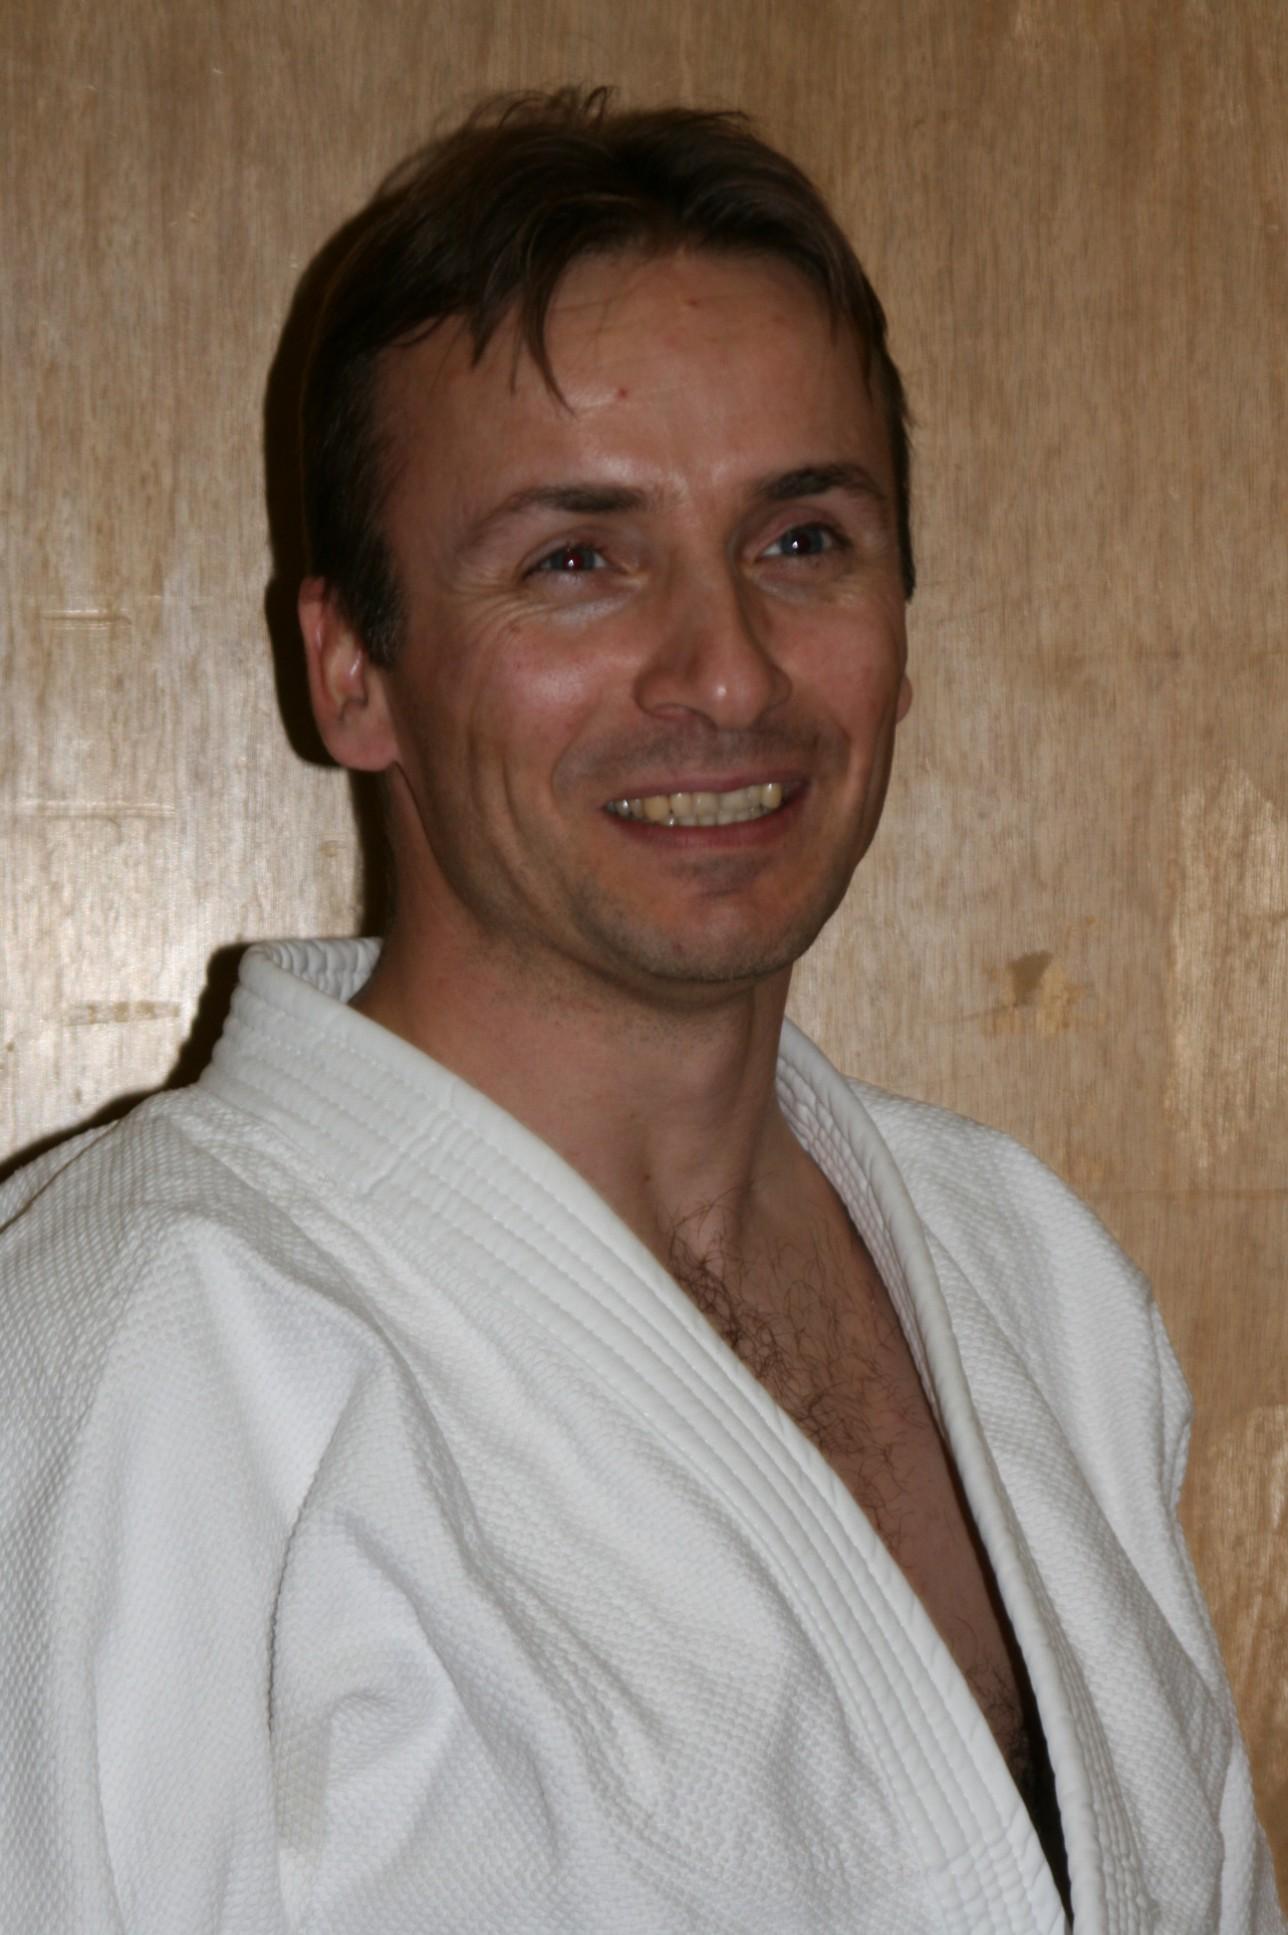 Zdenek Spera